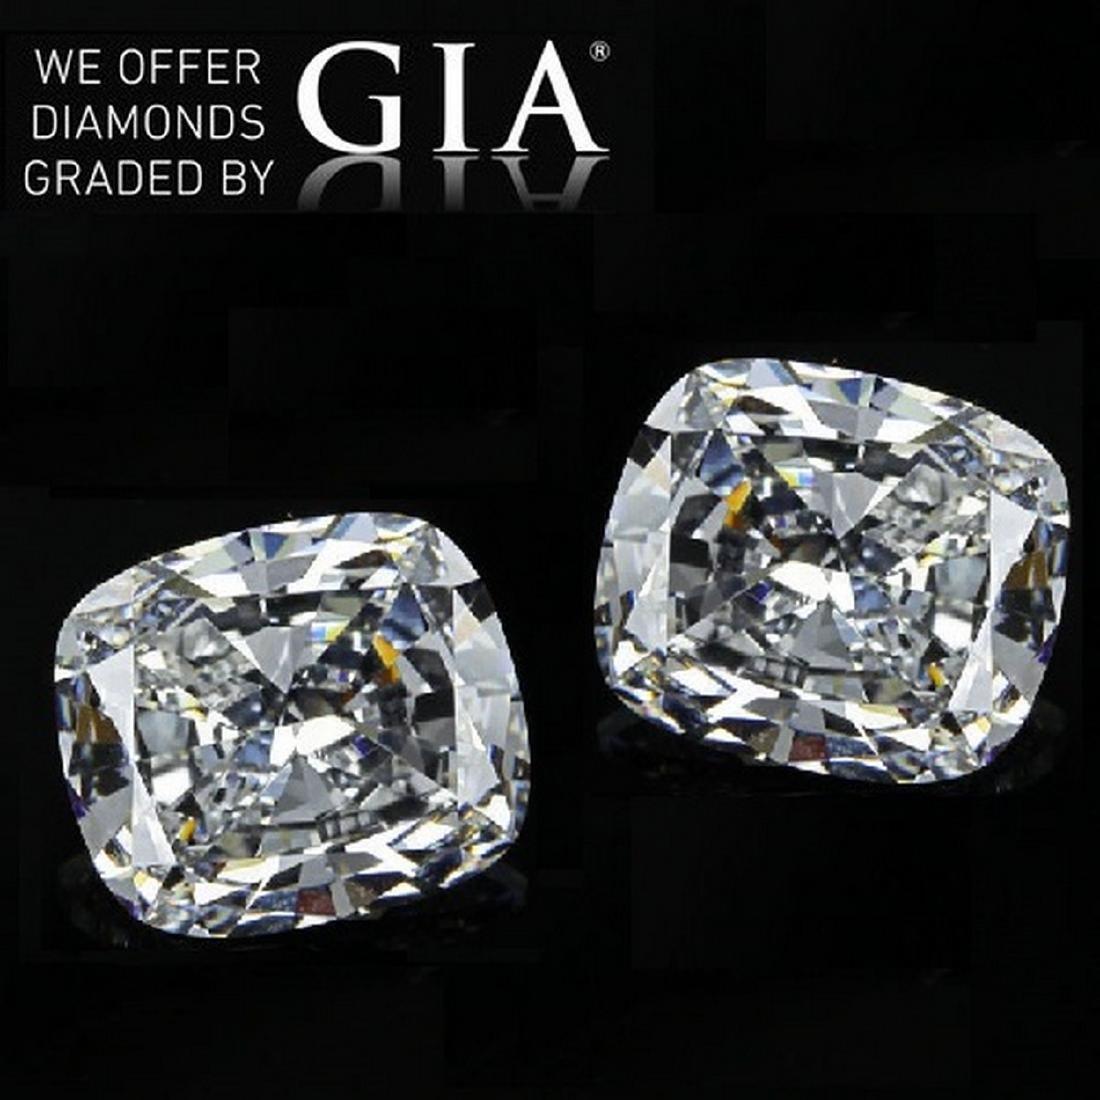 6.03 ct Cushion cut Diamond Pair